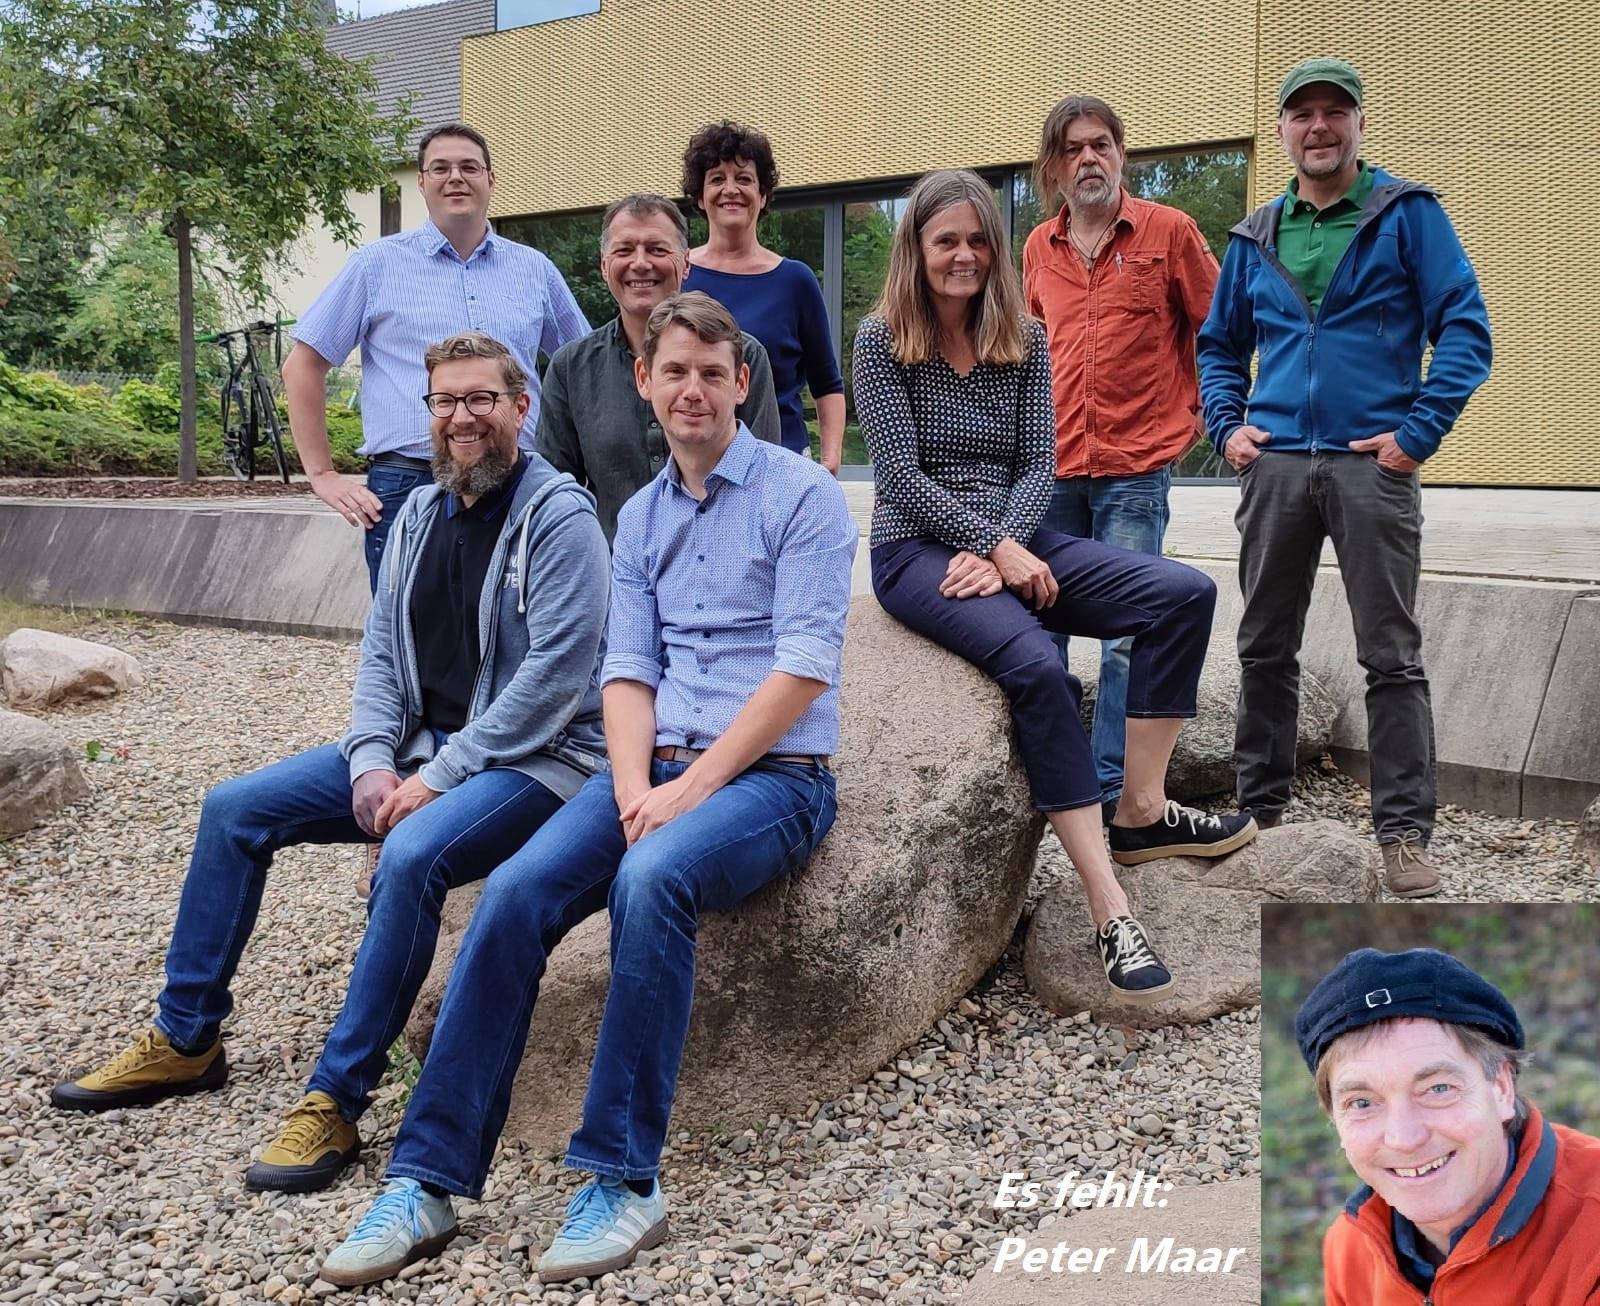 Bündnis '90/Die Grünen im Ellertal